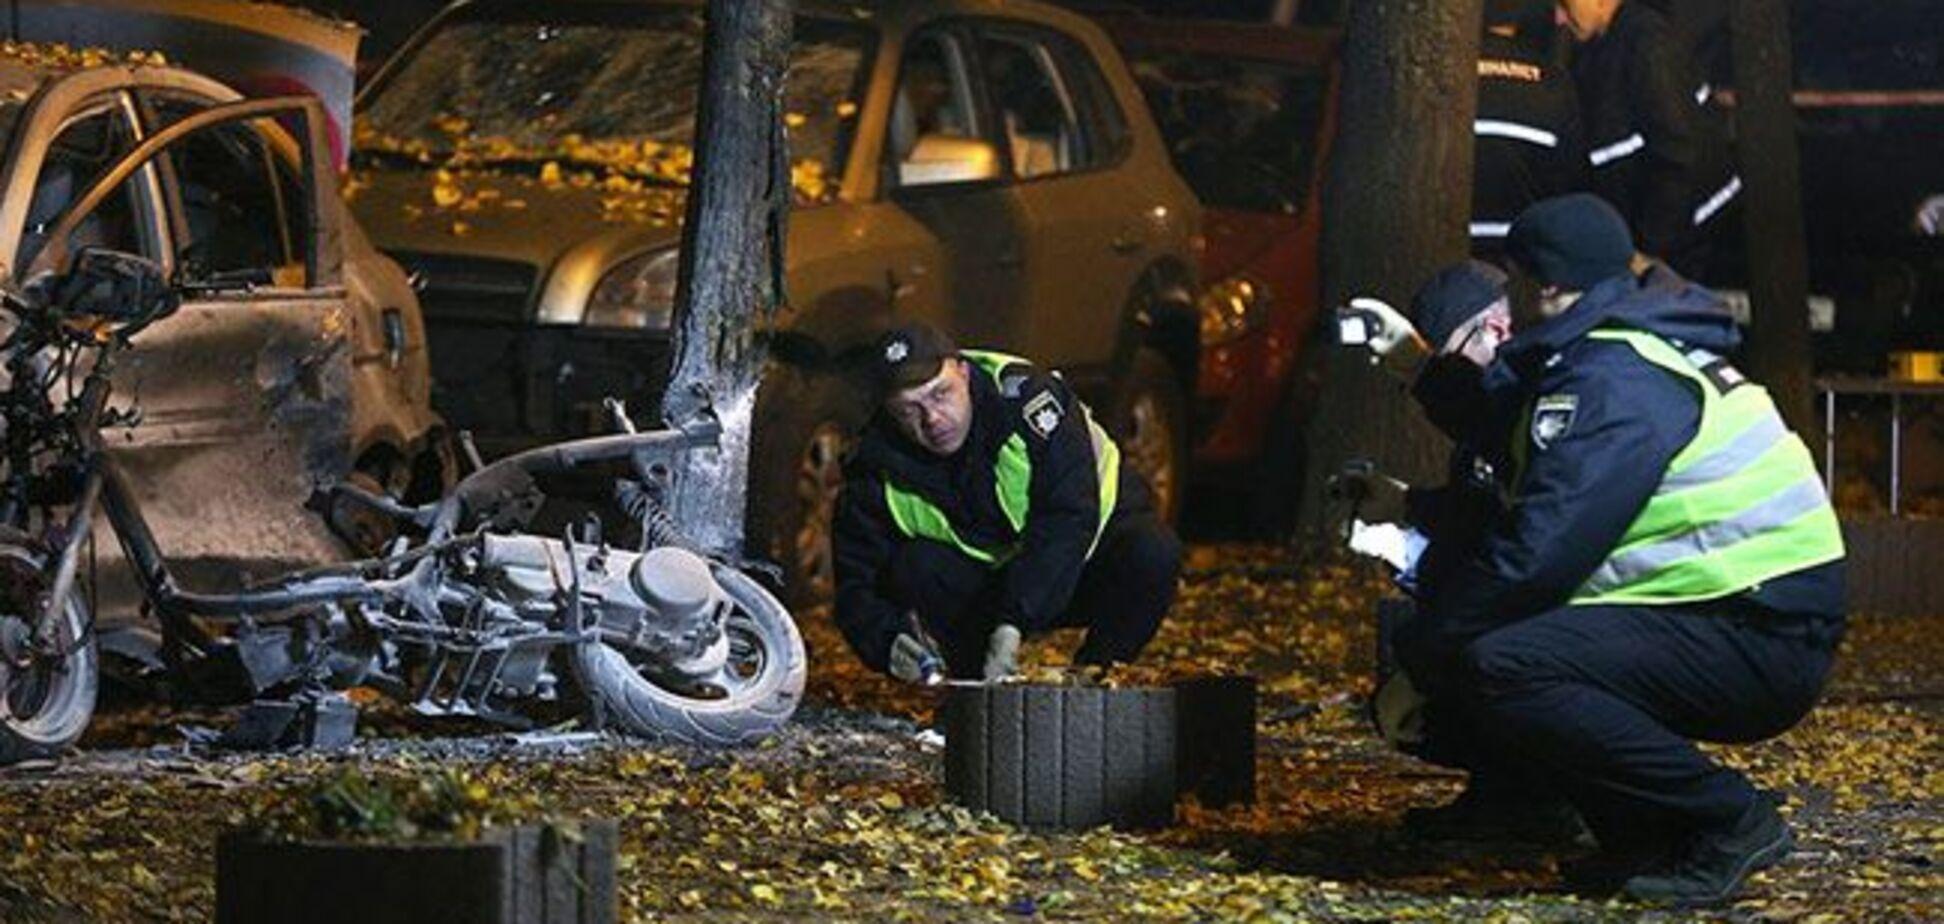 Мета - Мосійчук: слідство назвало організаторів теракту біля 'Еспрессо'